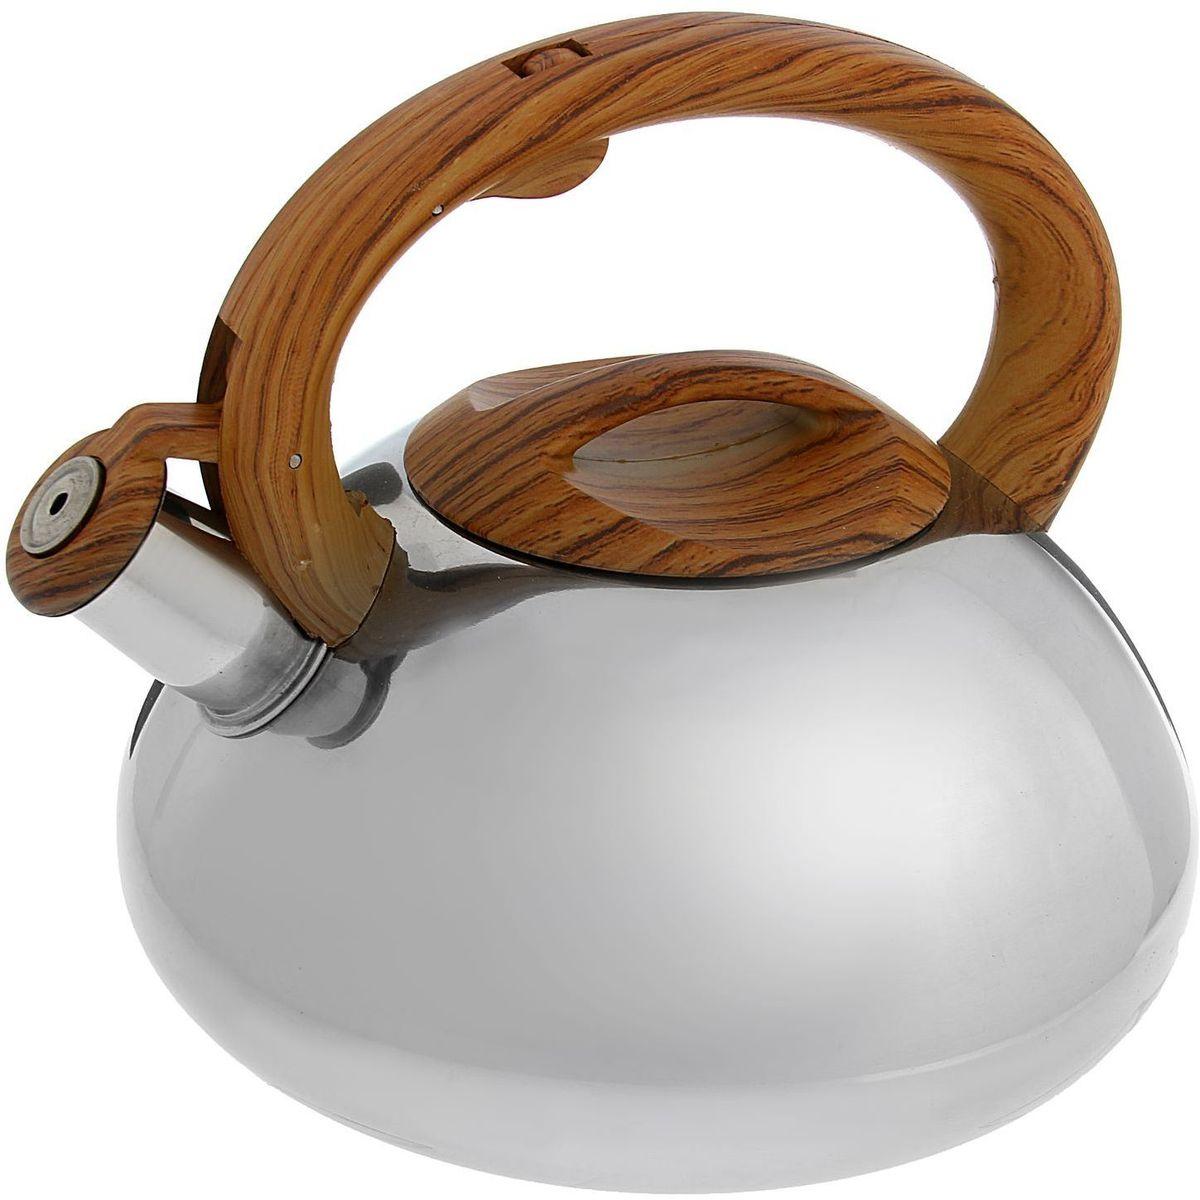 Чайник Доляна Квант, со свистком, цвет: коричневый, стальной, 2,8 л1405209Чайник Доляна Квант выполнен из высококачественной нержавеющей стали. Материал изделия отличается неприхотливостью в уходе, безукоризненной функциональностью, гигиеничностью и стойкостью к коррозии. Чайники из нержавеющей стали абсолютно безопасны для здоровья человека. Благодаря низкой теплопроводности и оптимальному соотношению дна и стенок вода дольше остается горячей, а качественное дно гарантирует быстрый нагрев. Чайник при кипячении сохраняет все полезные свойства воды. Чайник снабжен фиксированной ручкой из пластика с рисунком под дерево. Удобная ручка не нагревается, и поэтому вероятность ожогов сводится к минимуму. Свисток на носике чайника громко оповестит, когда закипела вода. Свисток открывается нажатием кнопки на рукоятке. Подходит для газовых, электрических, стеклокерамических, галогеновых, индукционных плит. Рекомендуется ручная мойка.